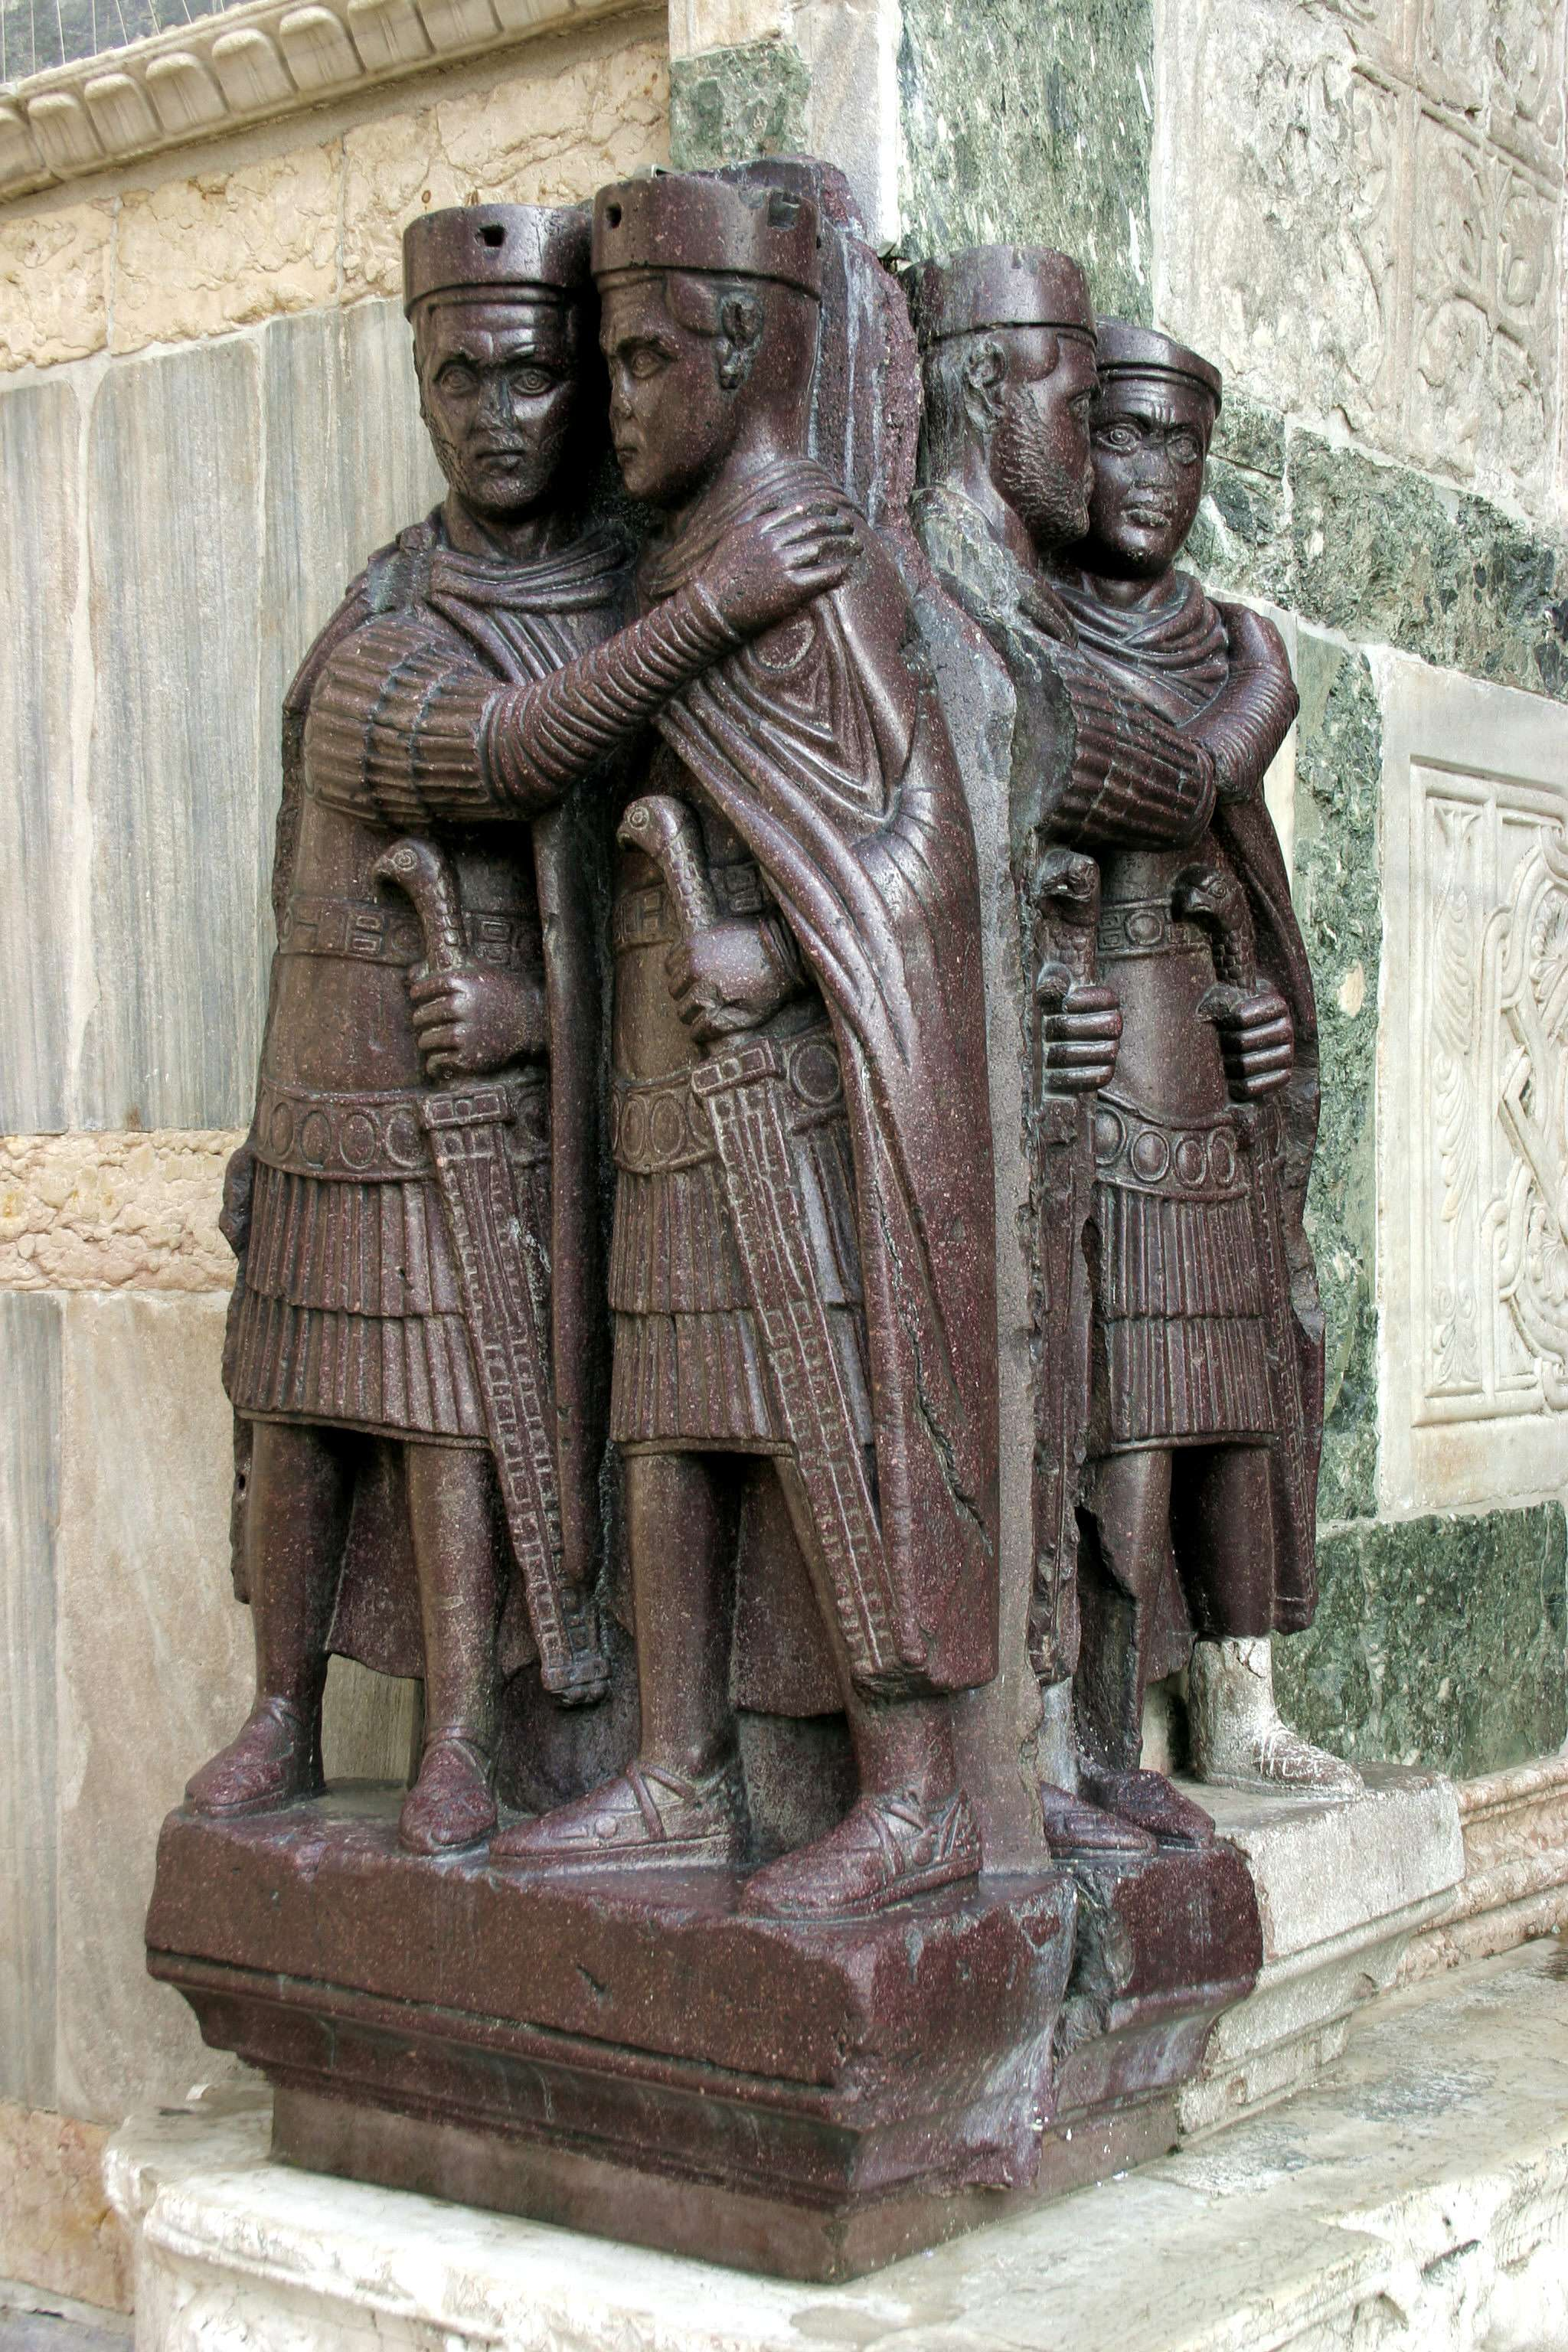 Οι αυτοκράτορες της τετραρχίας: Διοκλητιανός, Μαξιμιανός, Κωνστάντιος Α΄ Χλωρός και Γαλέριος (Βενετία)